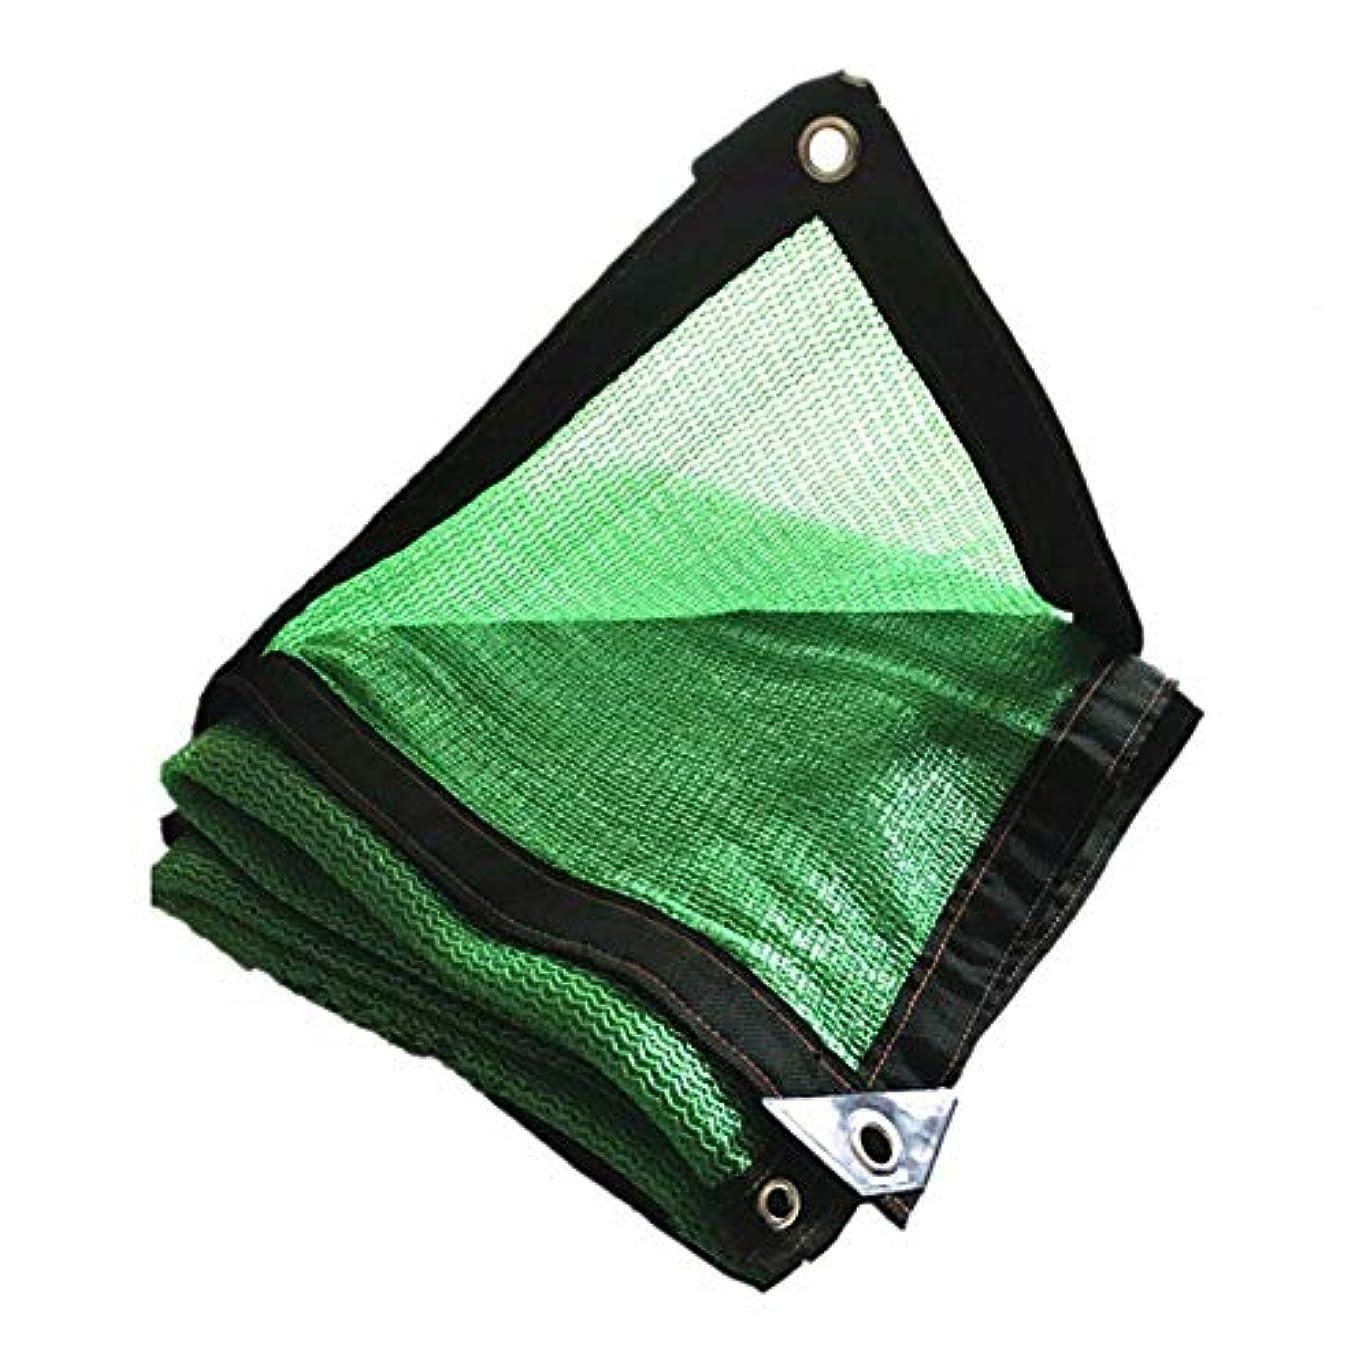 中断洗う投げ捨てる迷彩ネットシェードネット シェードネット、日除け、日焼け止めメッシュ、キャノピーテント生地タープセイル、UV耐性保護に適してプライバシー、複数のサイズ、緑 2x3mマルチサイズオプション (サイズ さいず : 2*8M)